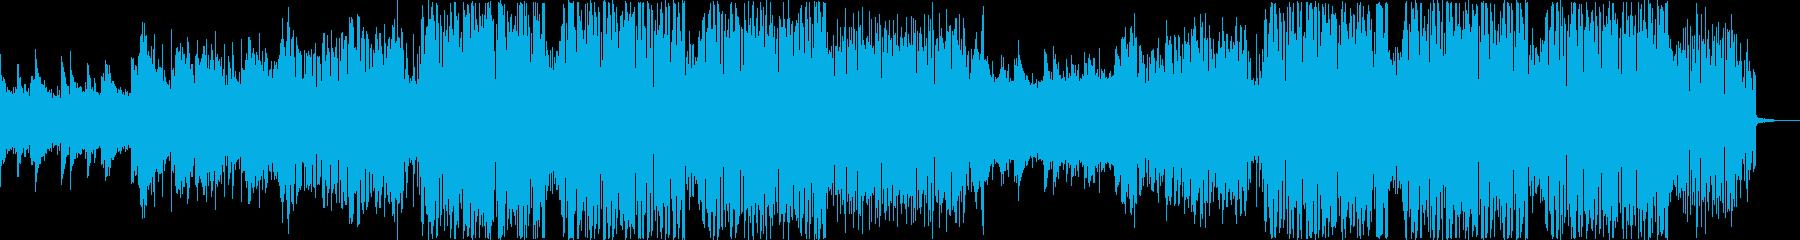 オシャレで跳ねるようなフューチャーバウンの再生済みの波形